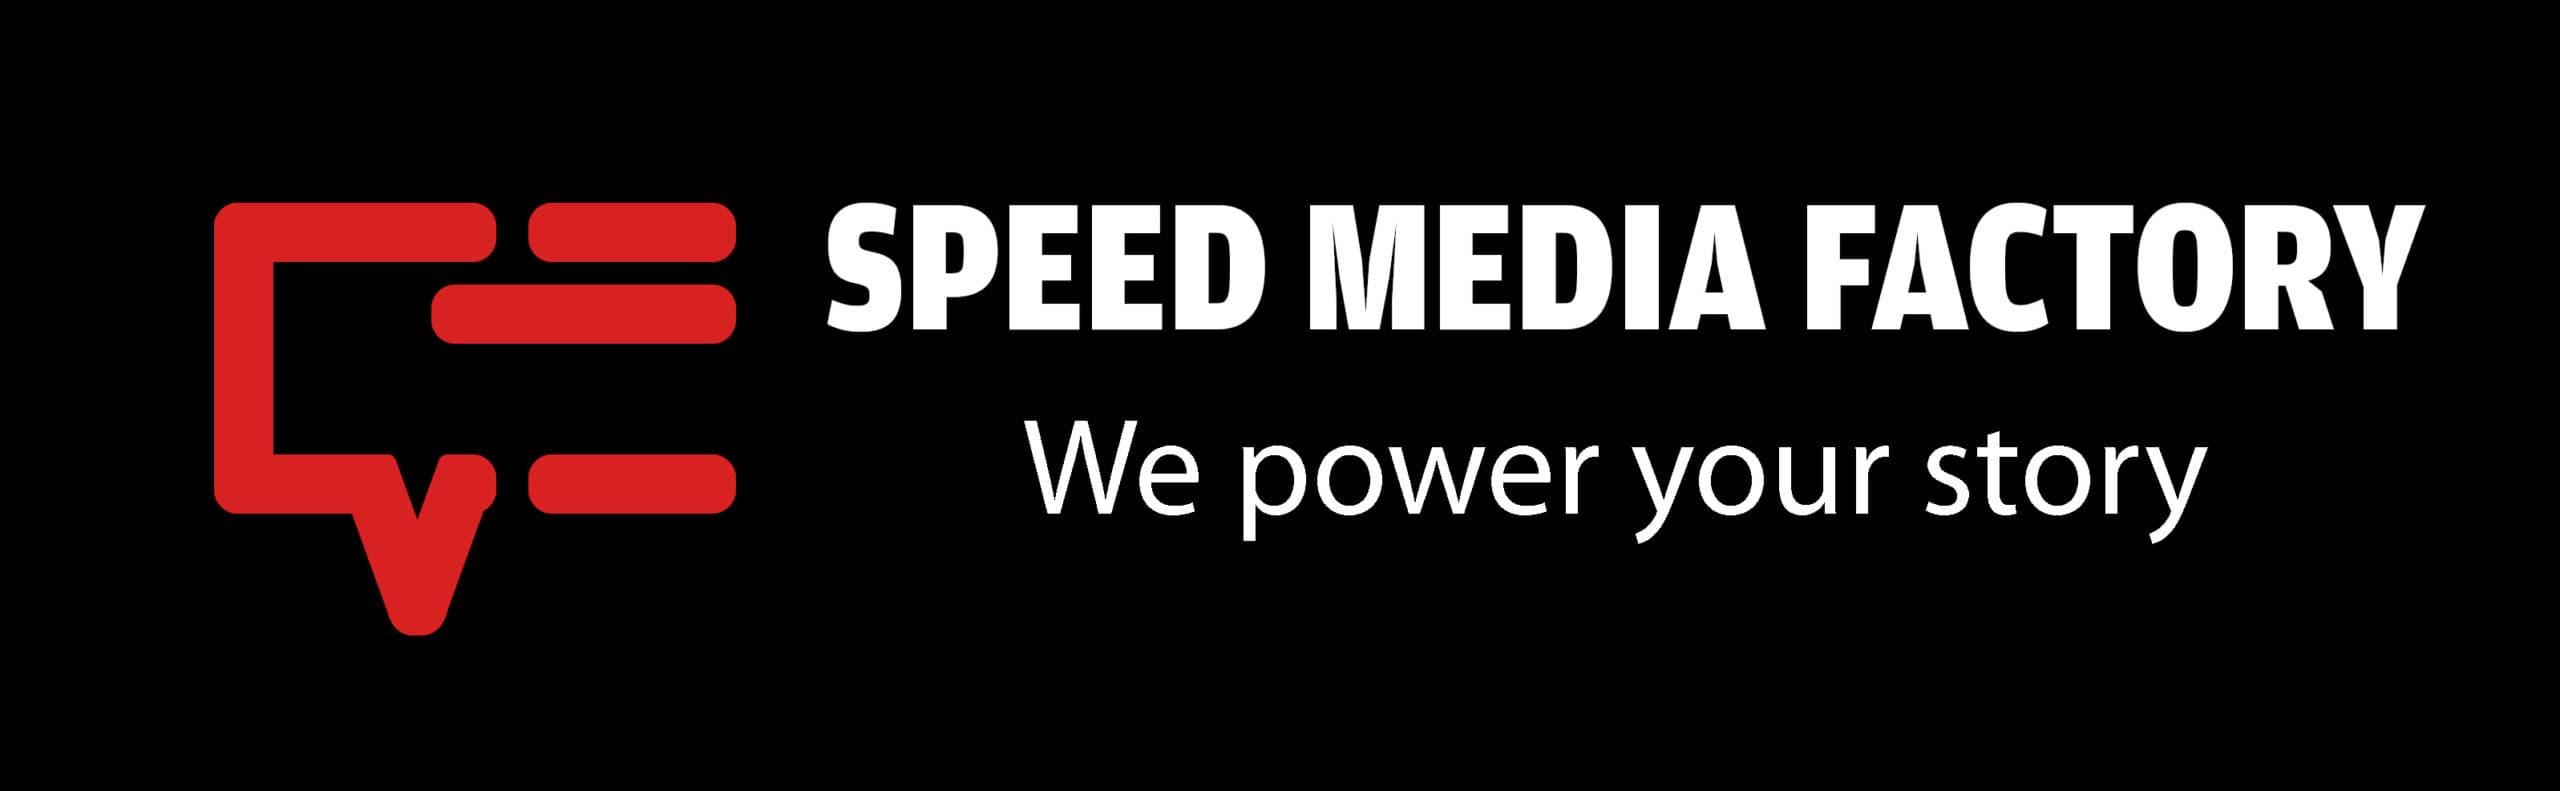 Speed Media Factory